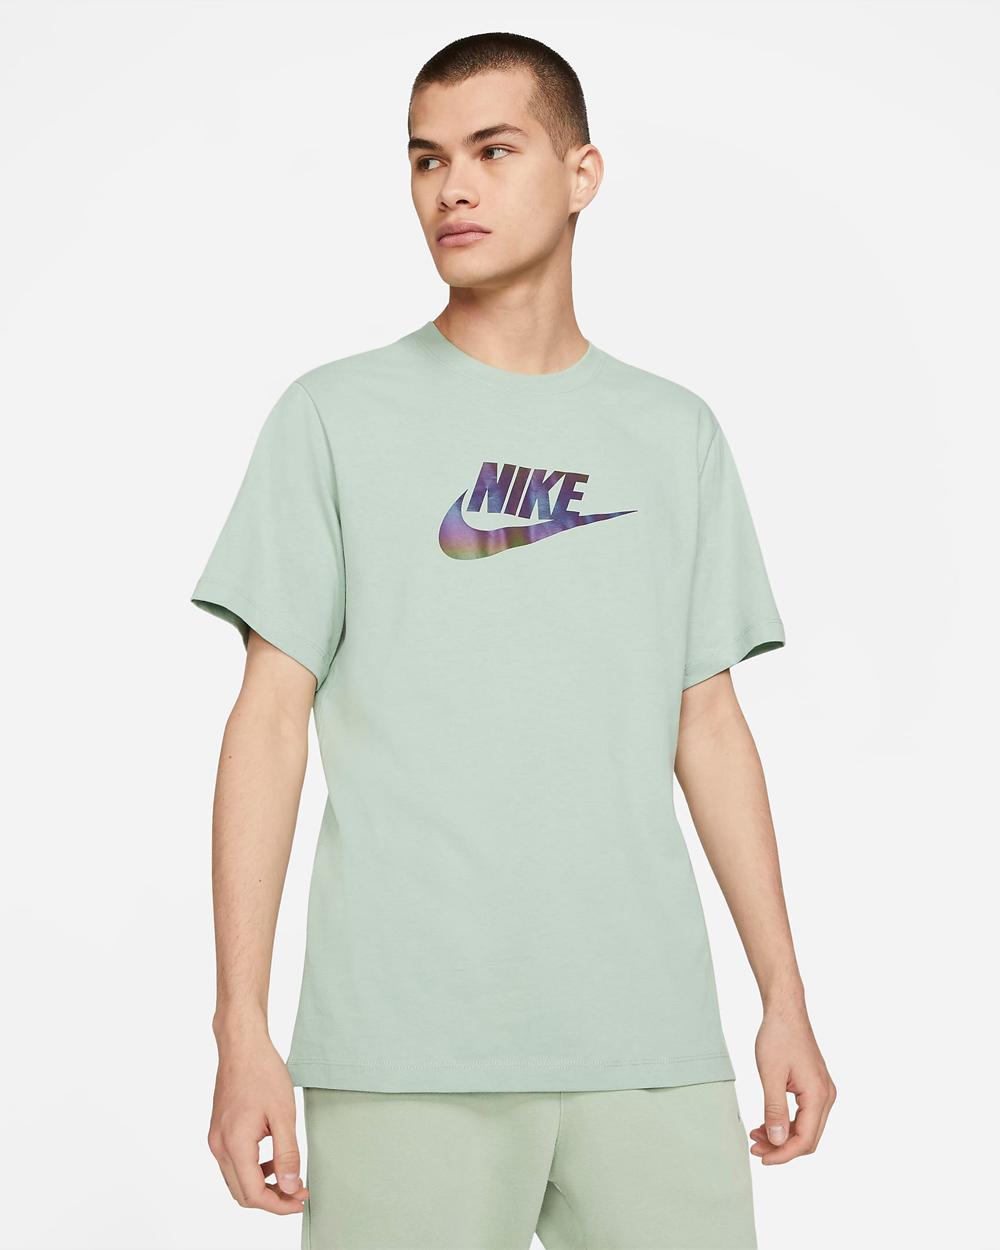 nike-iridescent-shirt-steam-green-2